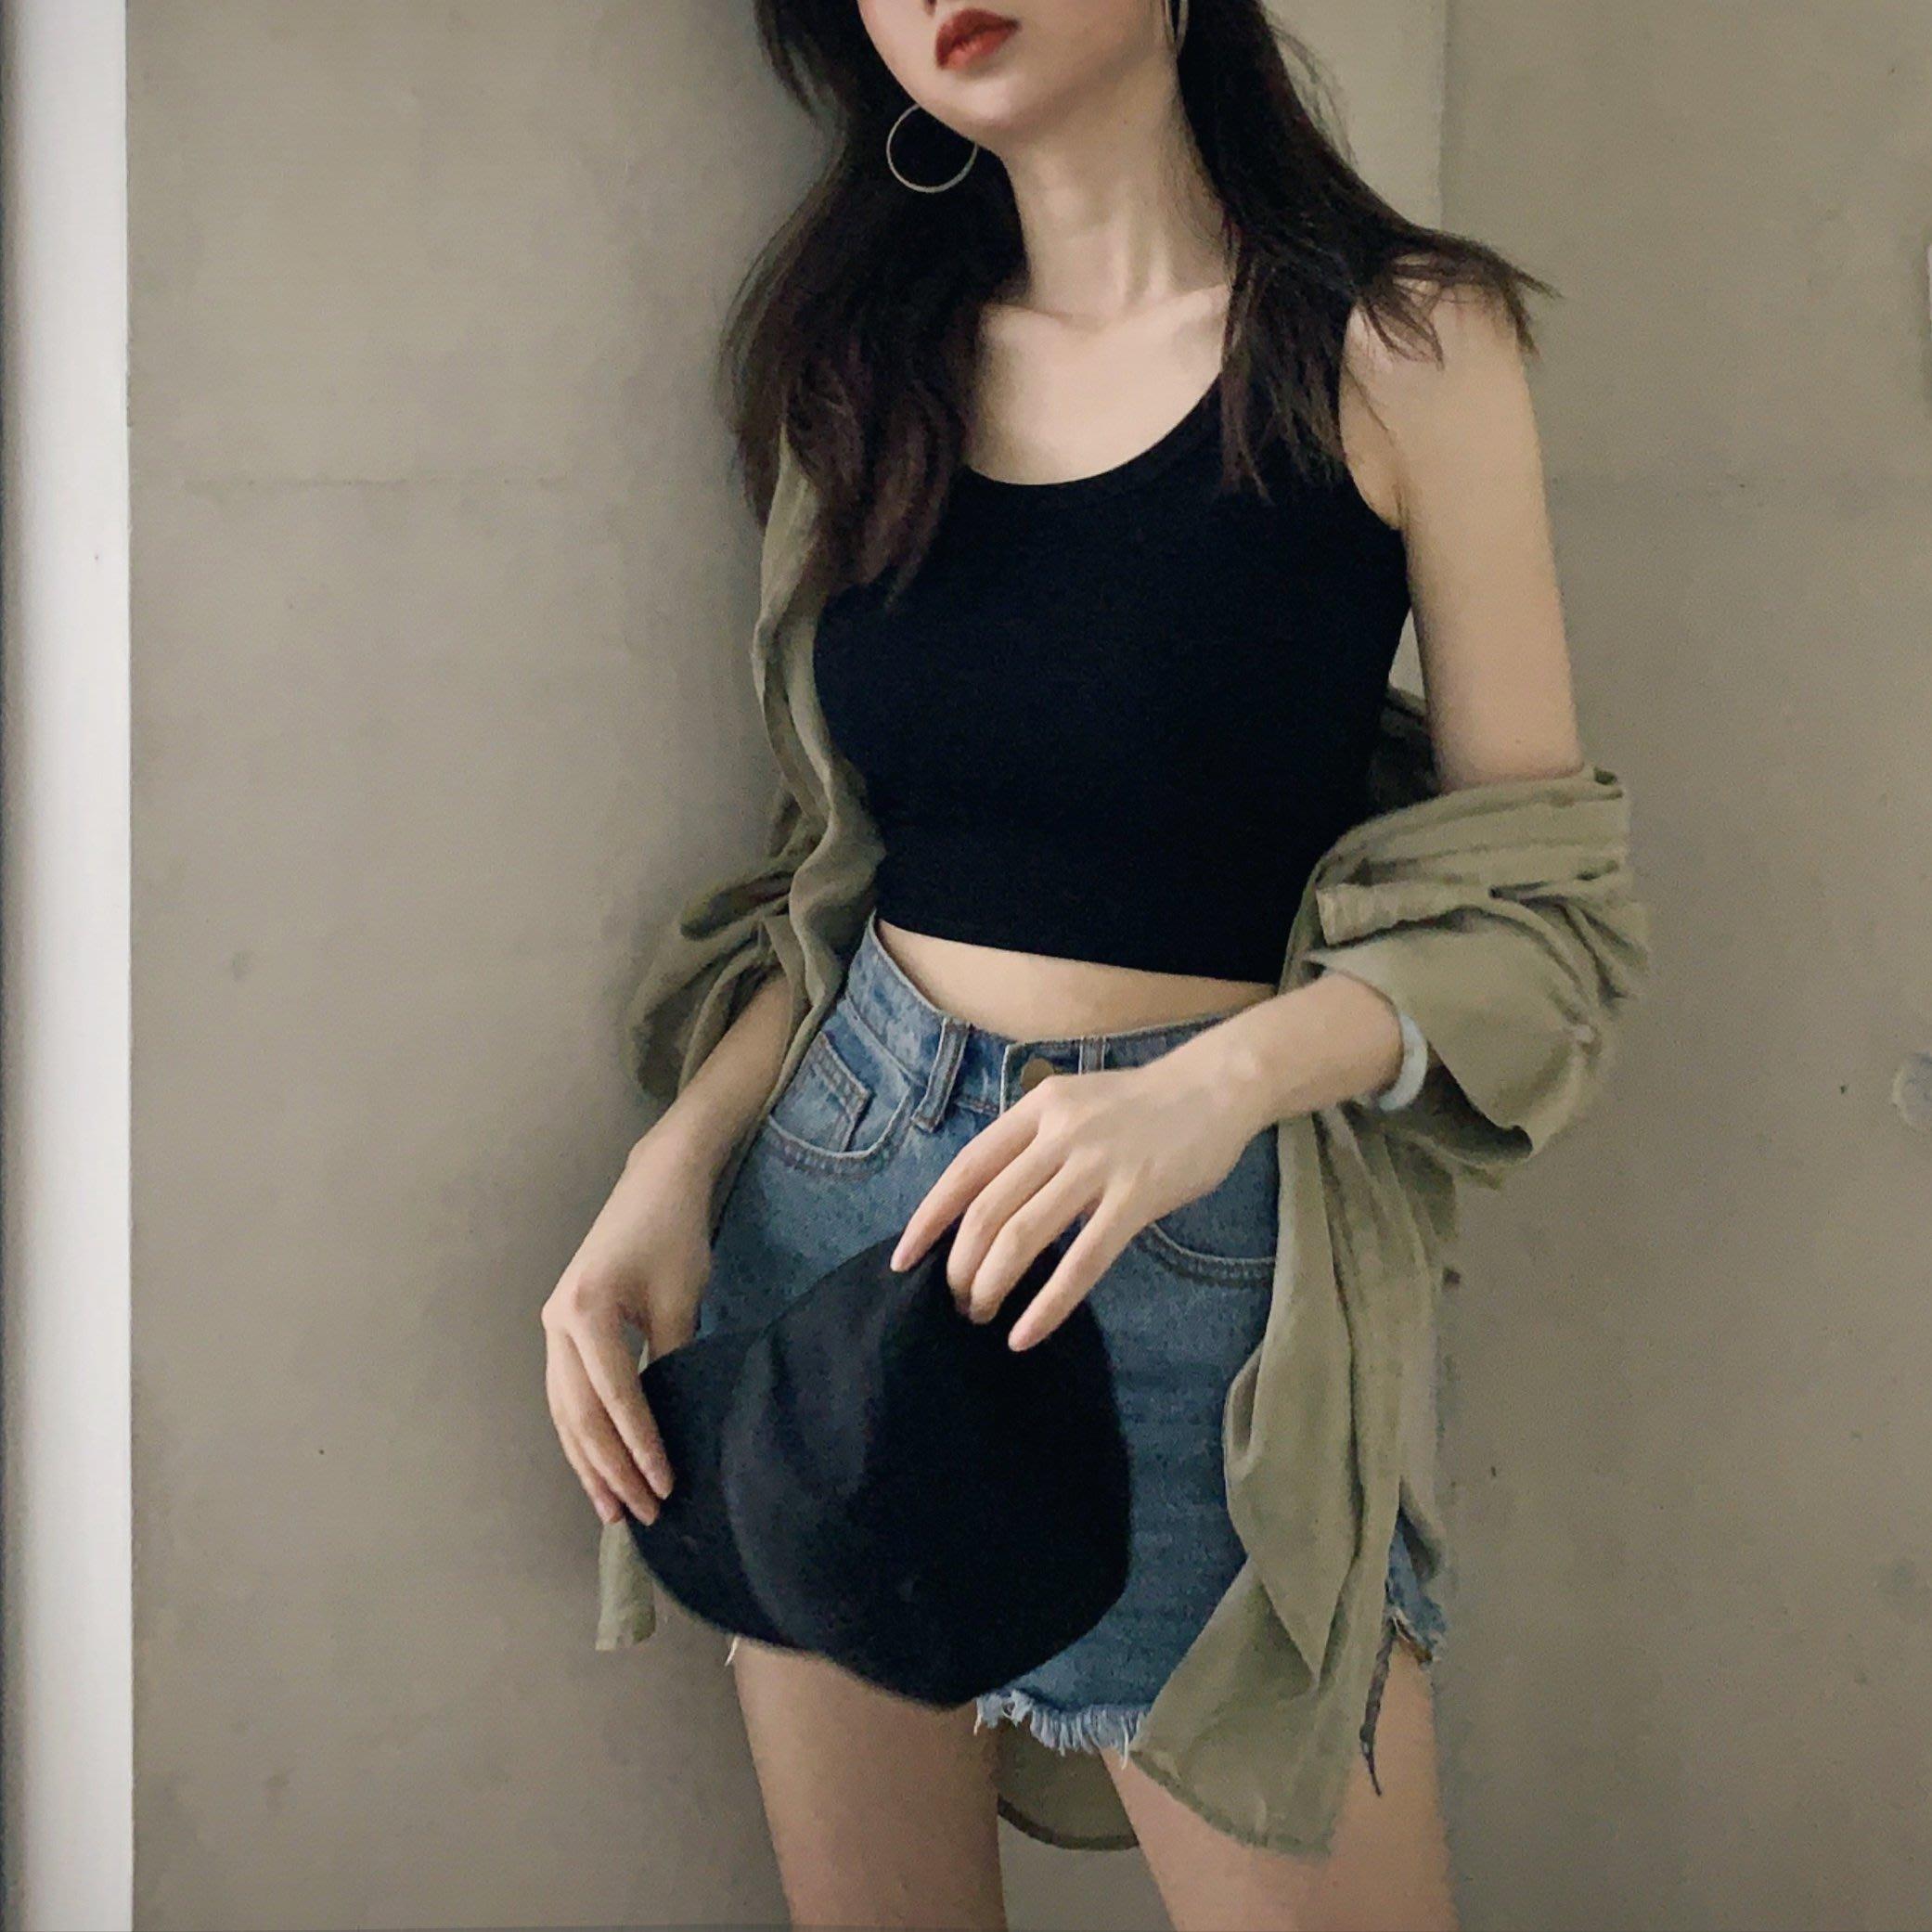 韓版 平口T恤 一字肩 修身顯瘦外穿露臍短款內搭打底小吊帶背心女學生